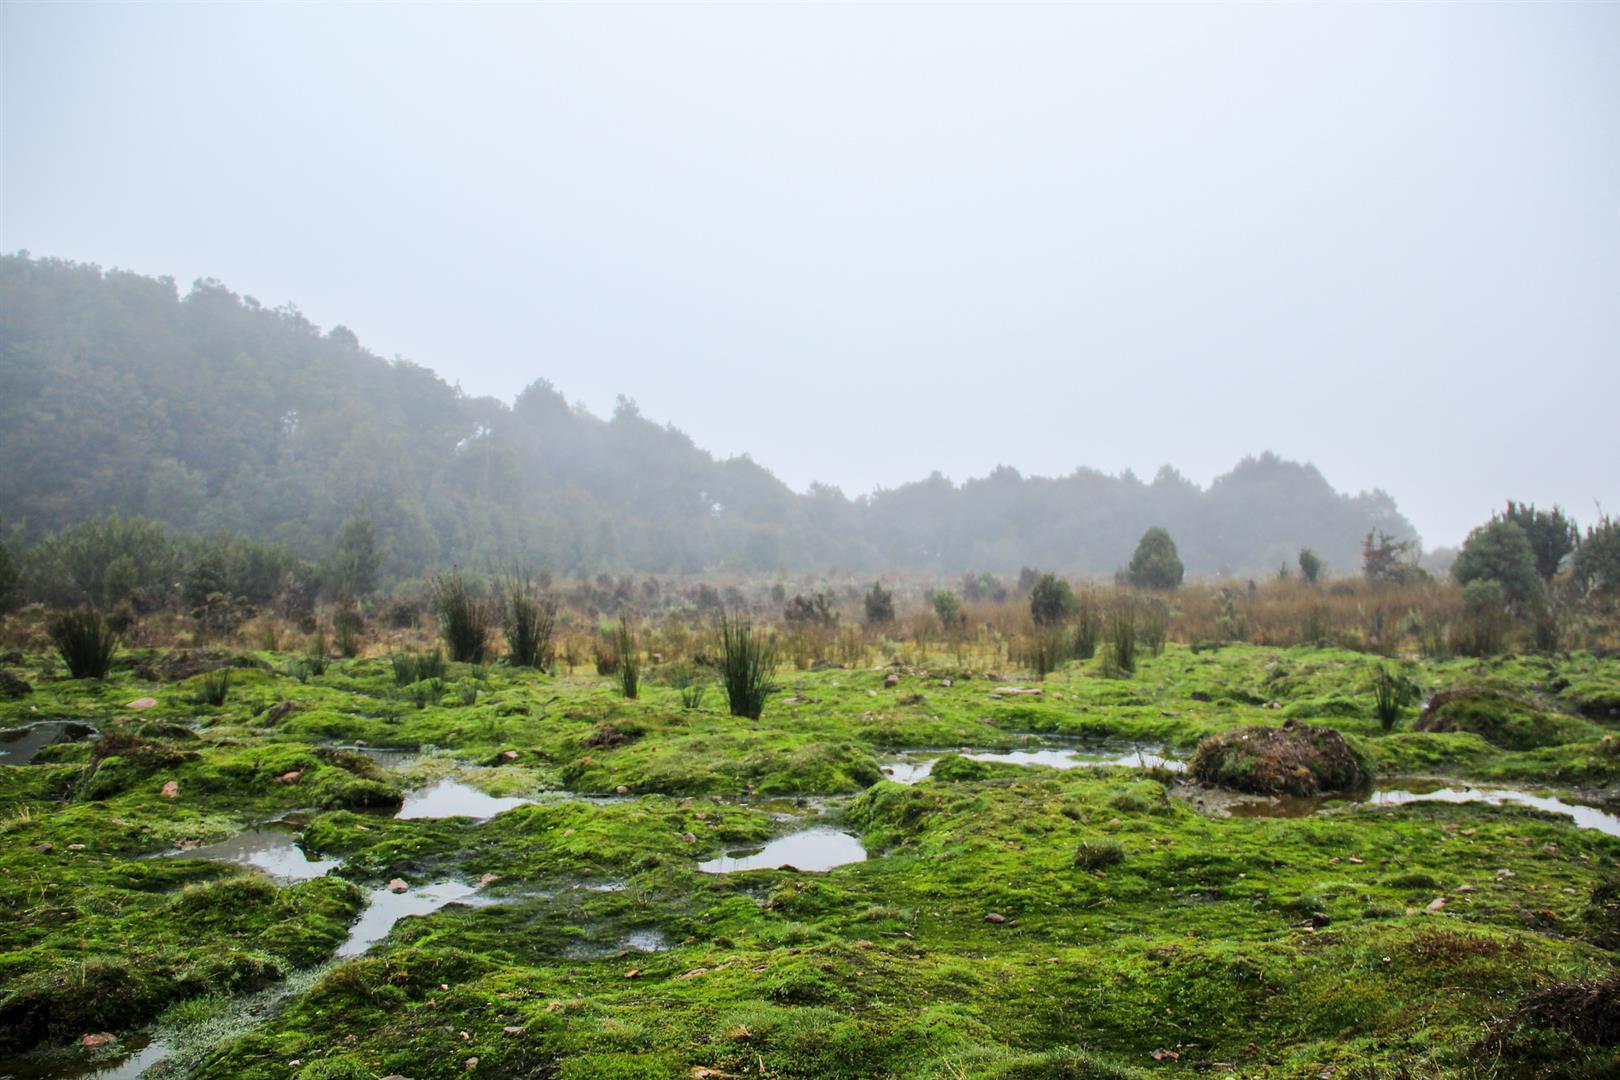 campo cheio de musgo